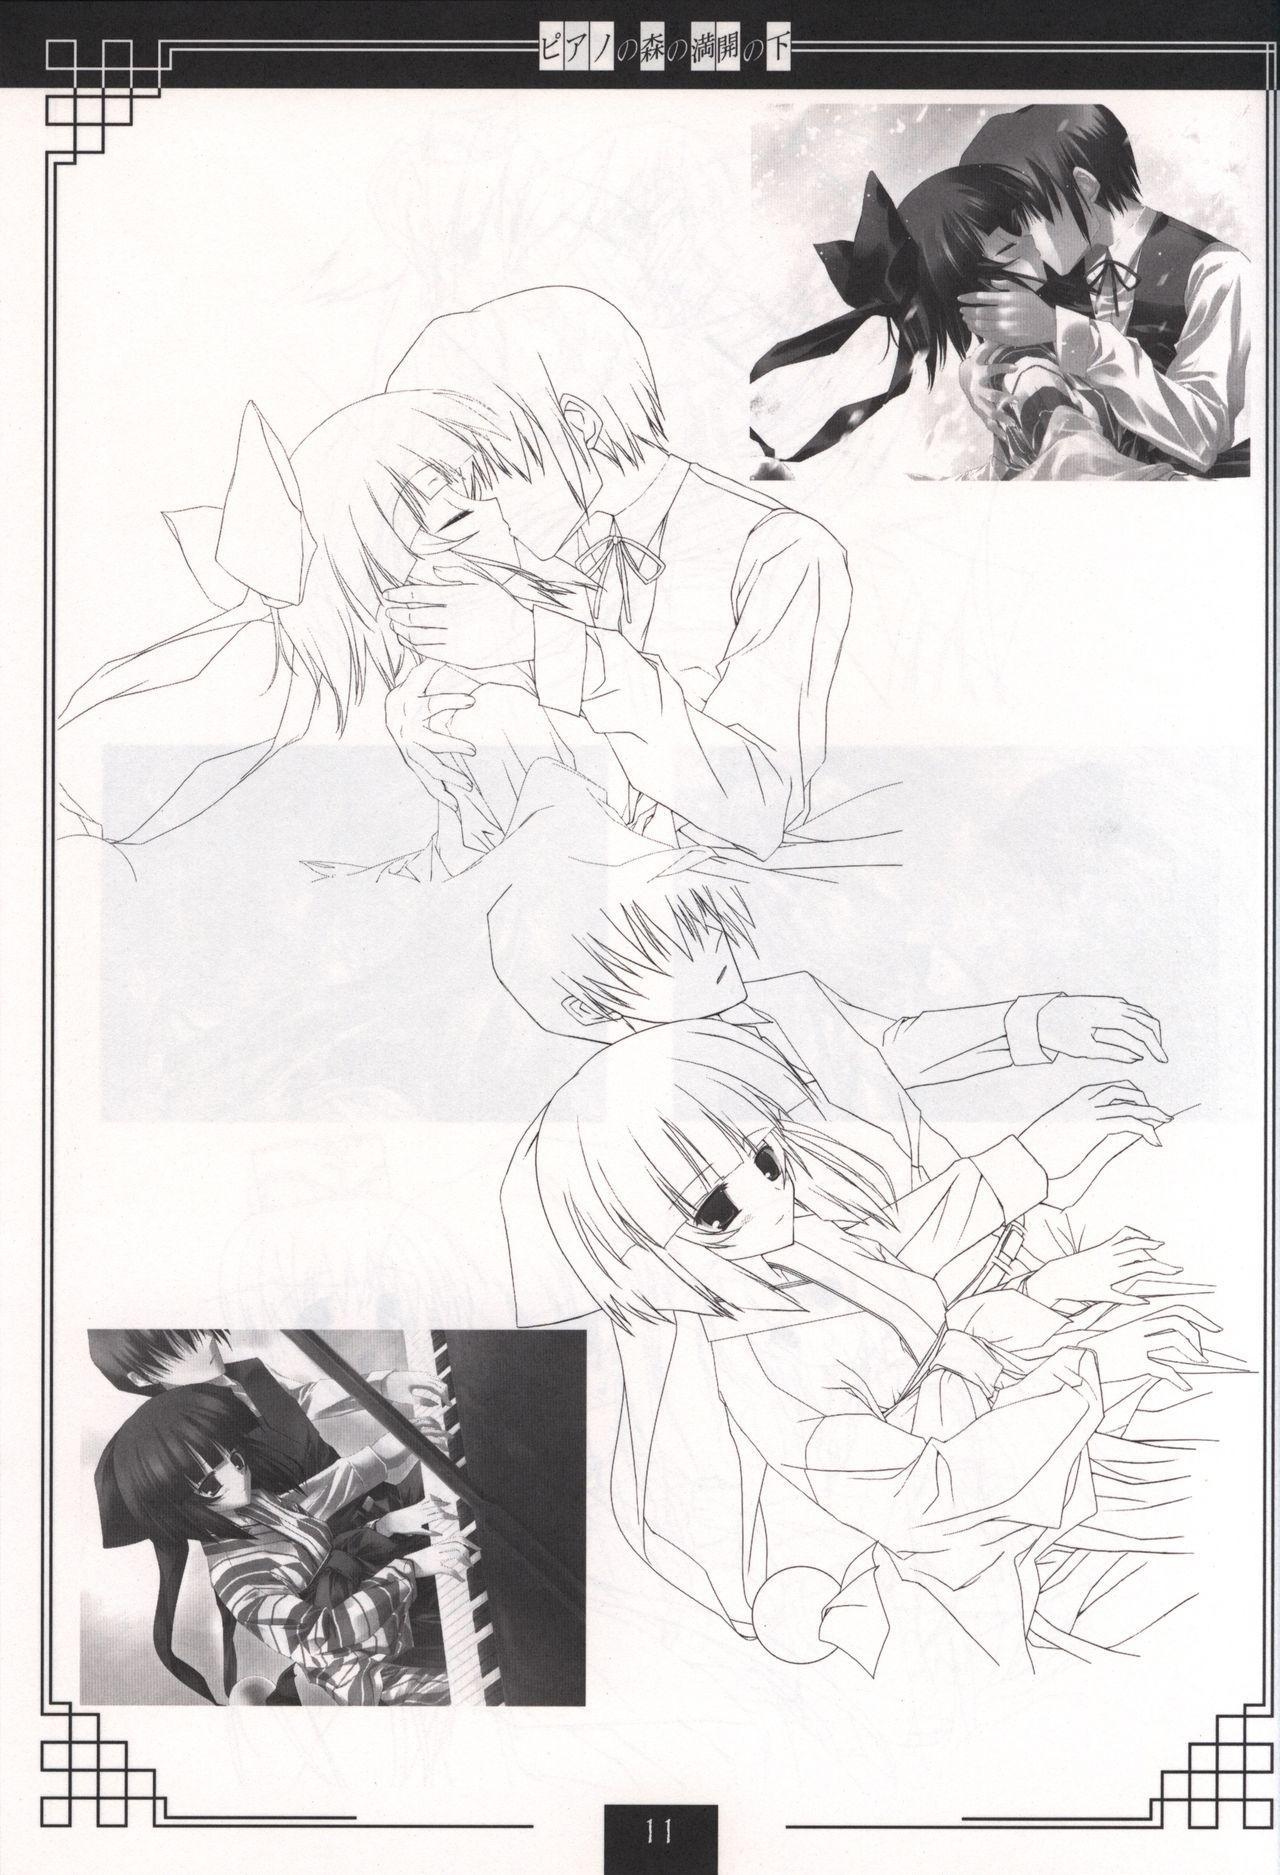 Piano no Mori no Mankai no Shita illustration art book 9